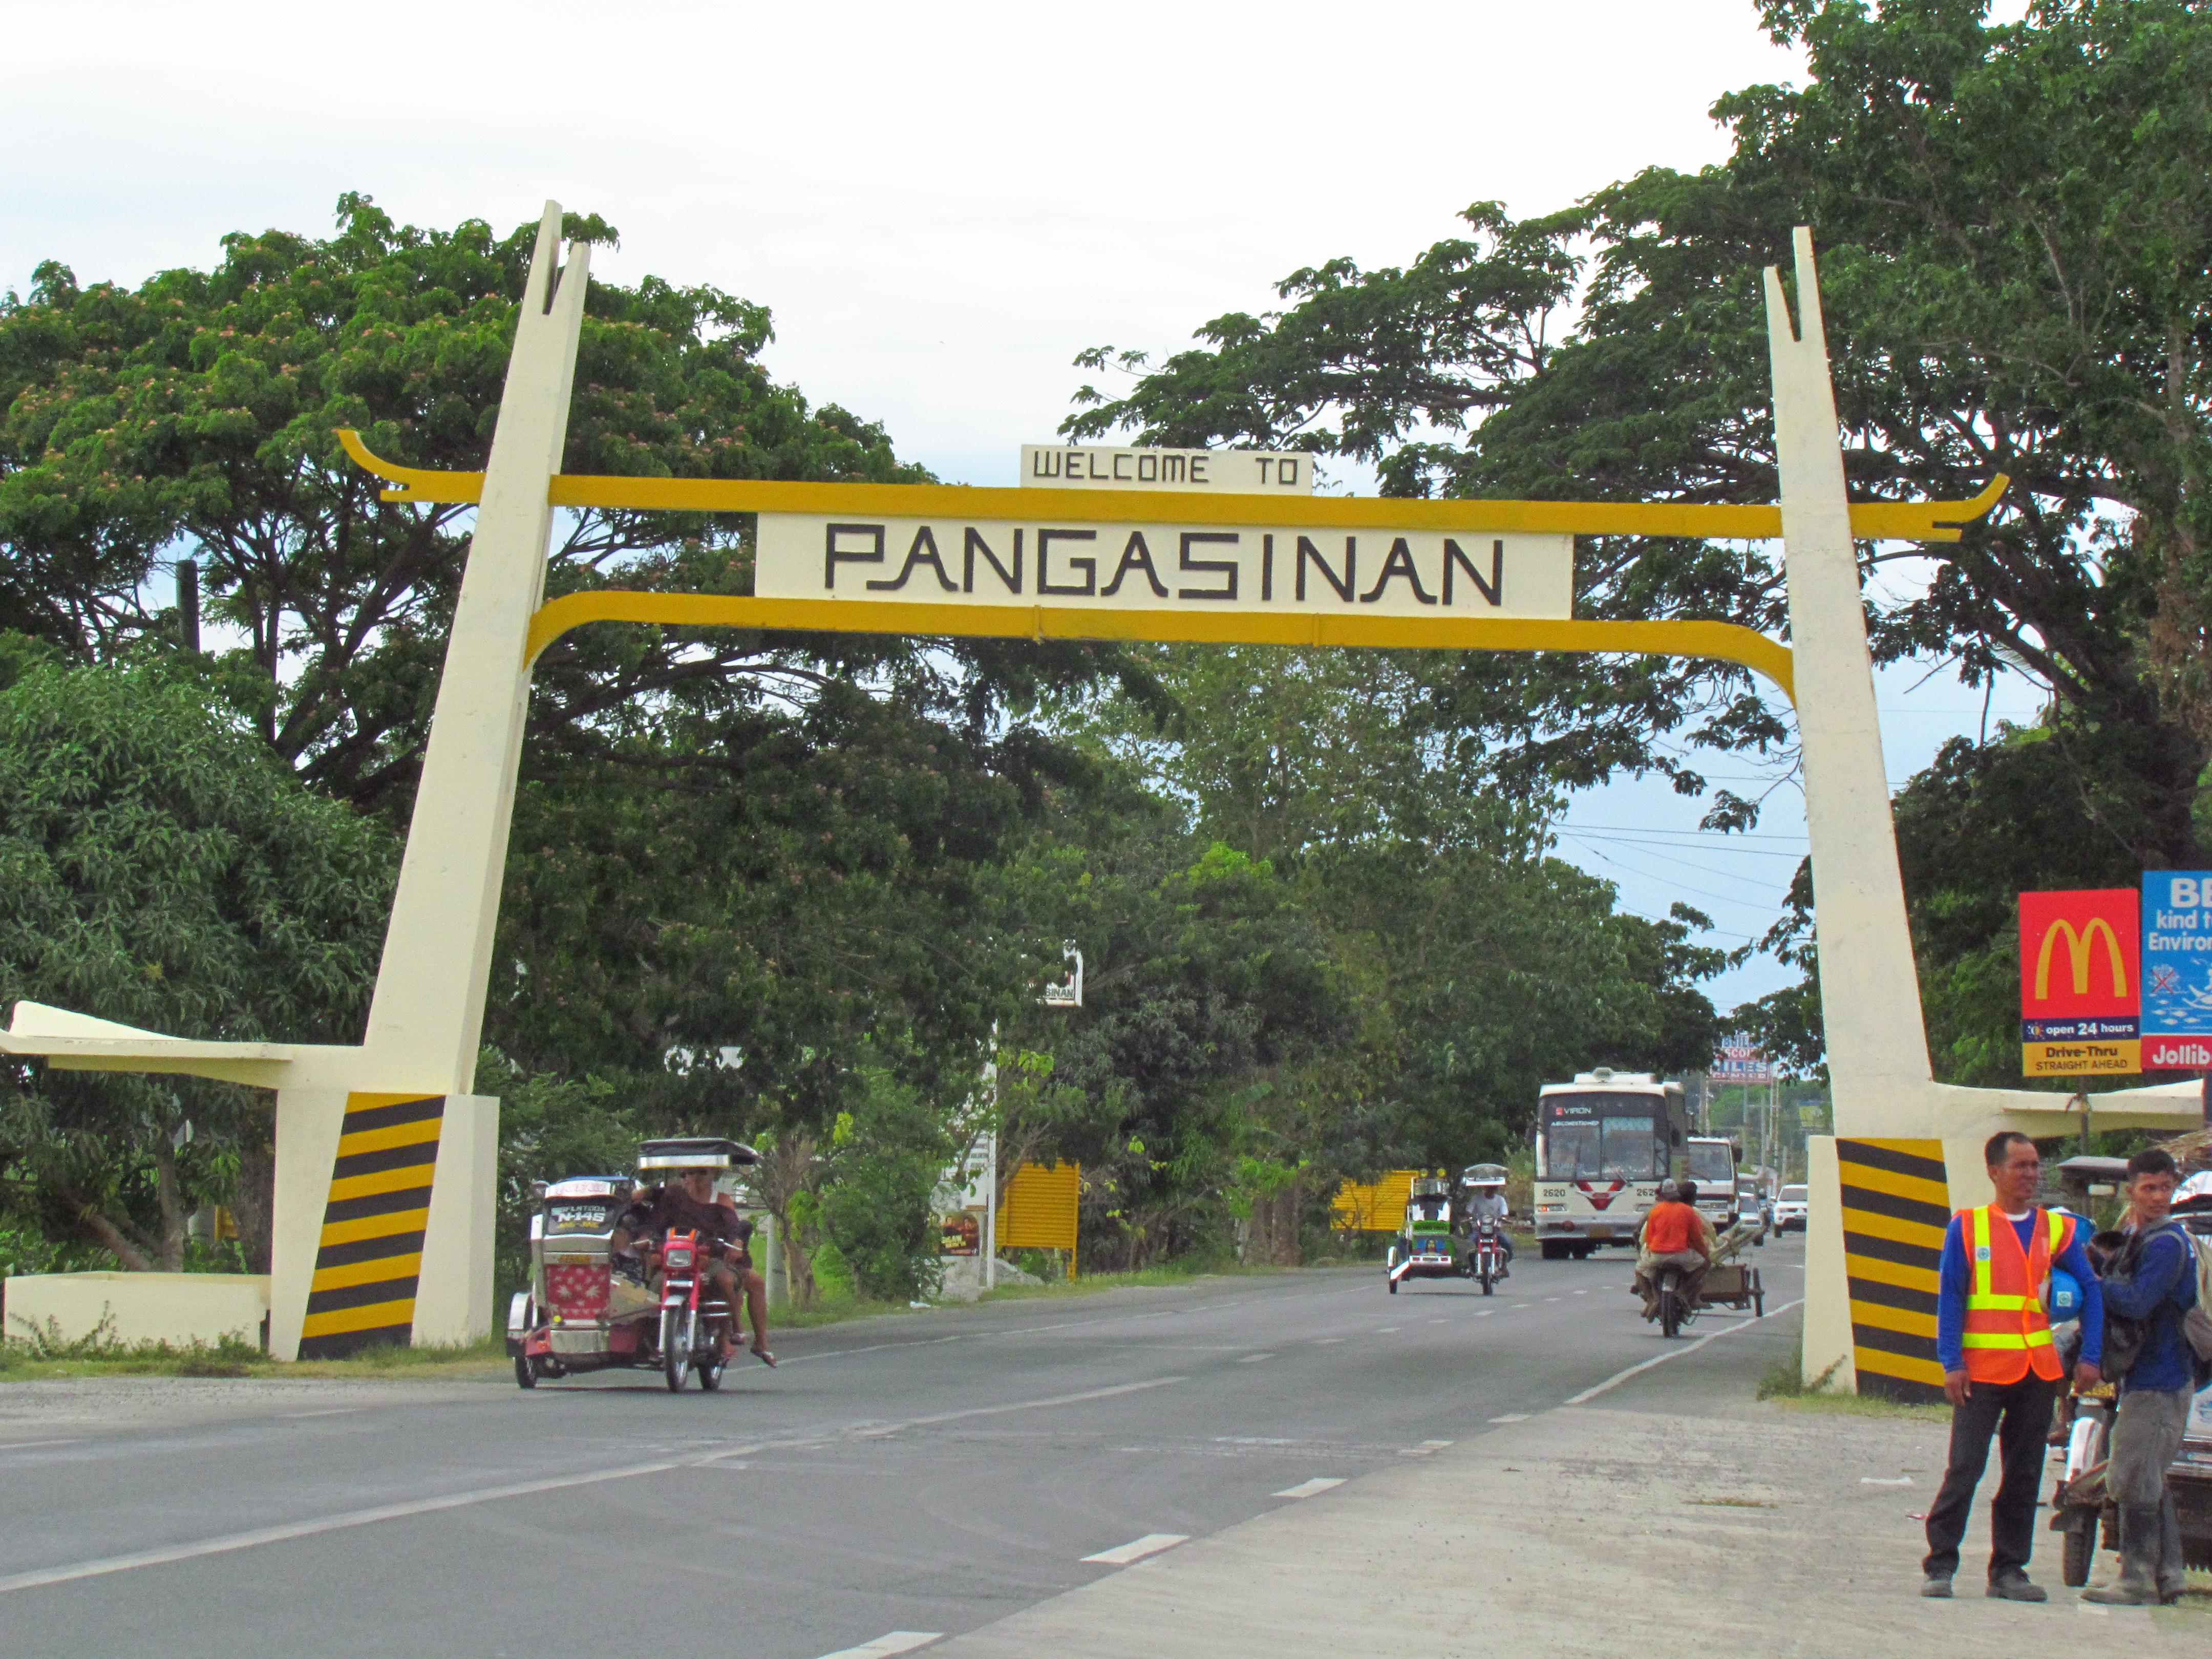 Pangasinan Province Philippines  Universal Stewardship